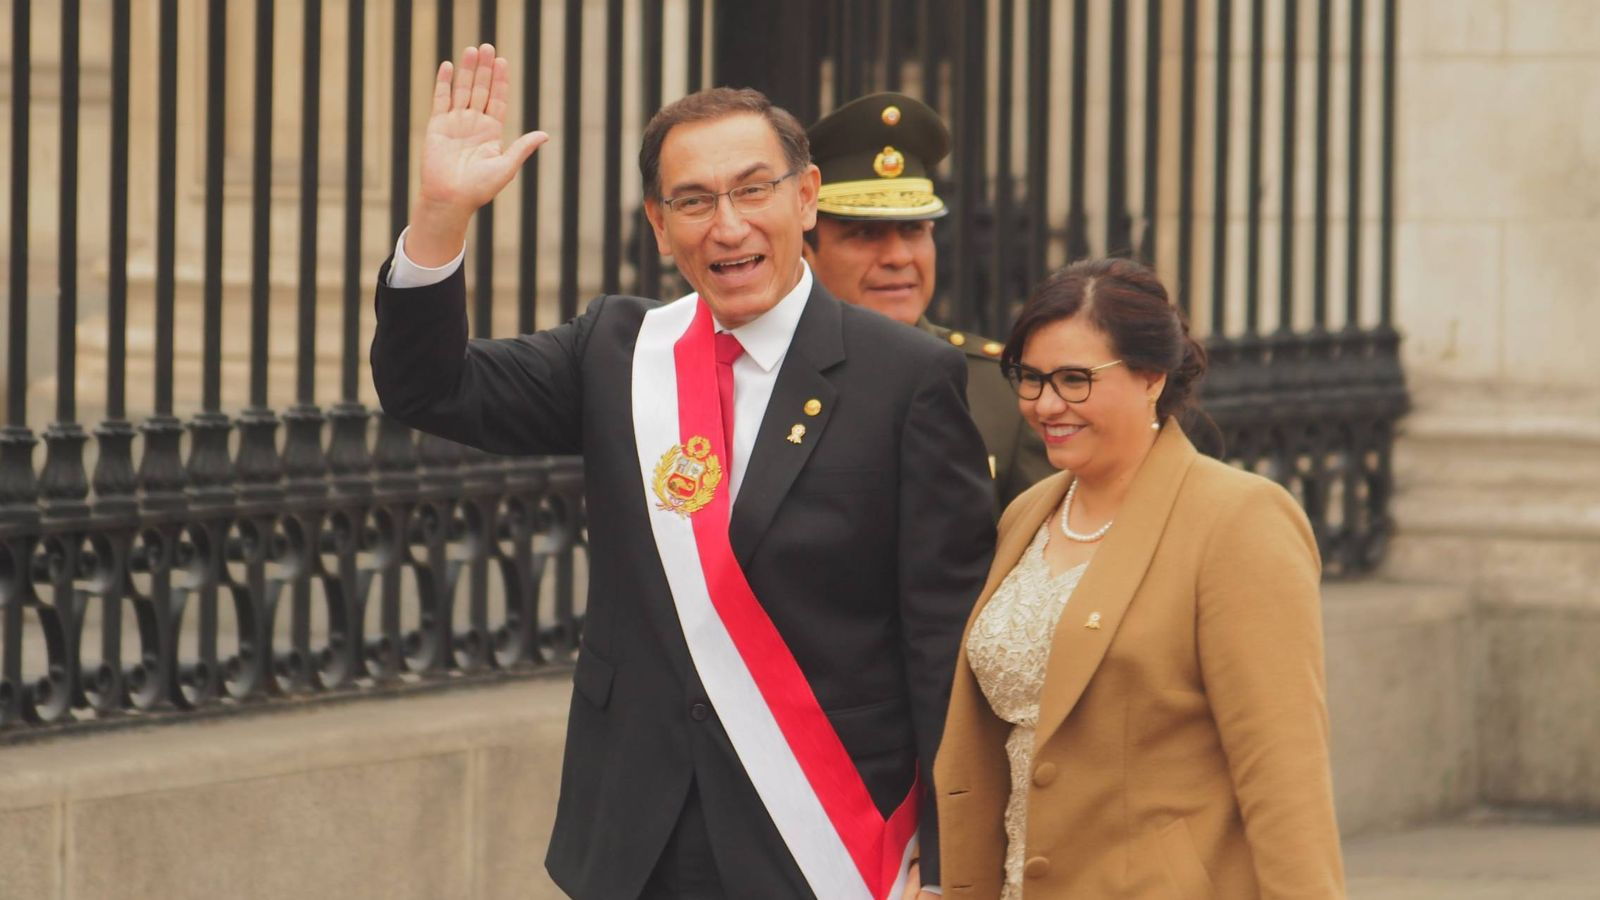 Foto: Maribel Díaz y Martín Vizcarra en el Día de la Independencia de Perú. (CORDON)